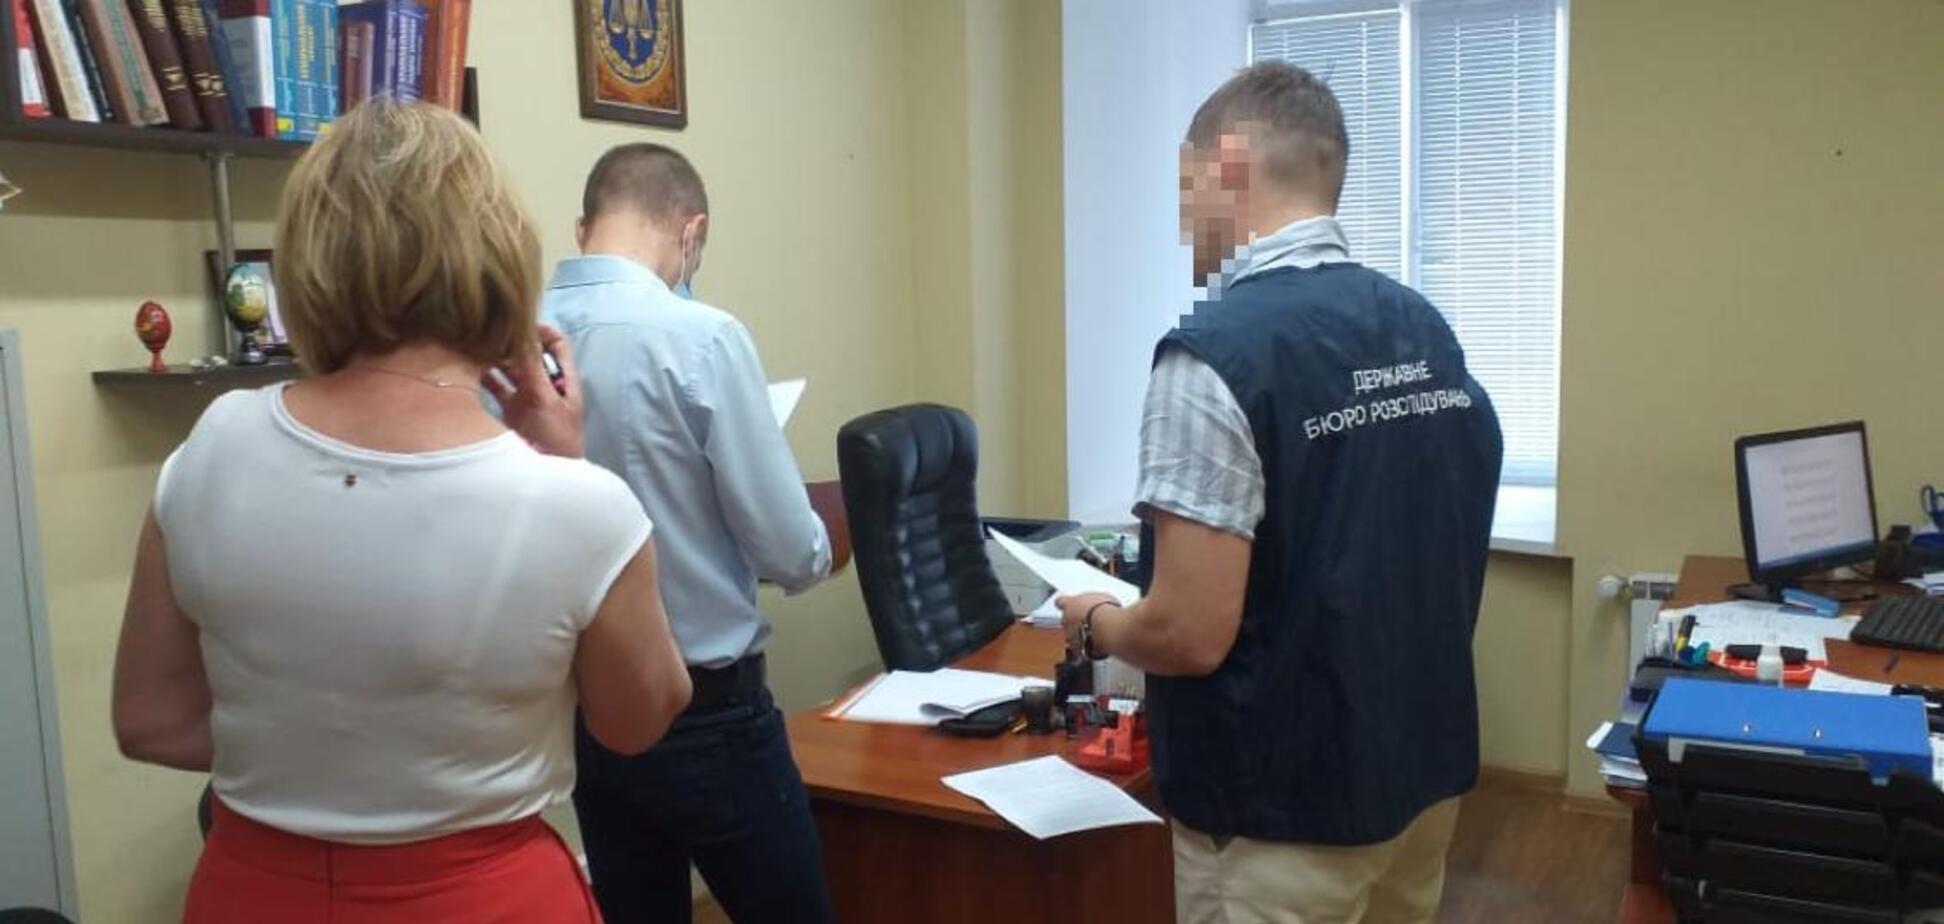 В Киеве бывший следователь 'потерял' изъятые 1,2 млн грн, ему озвучено подозрение